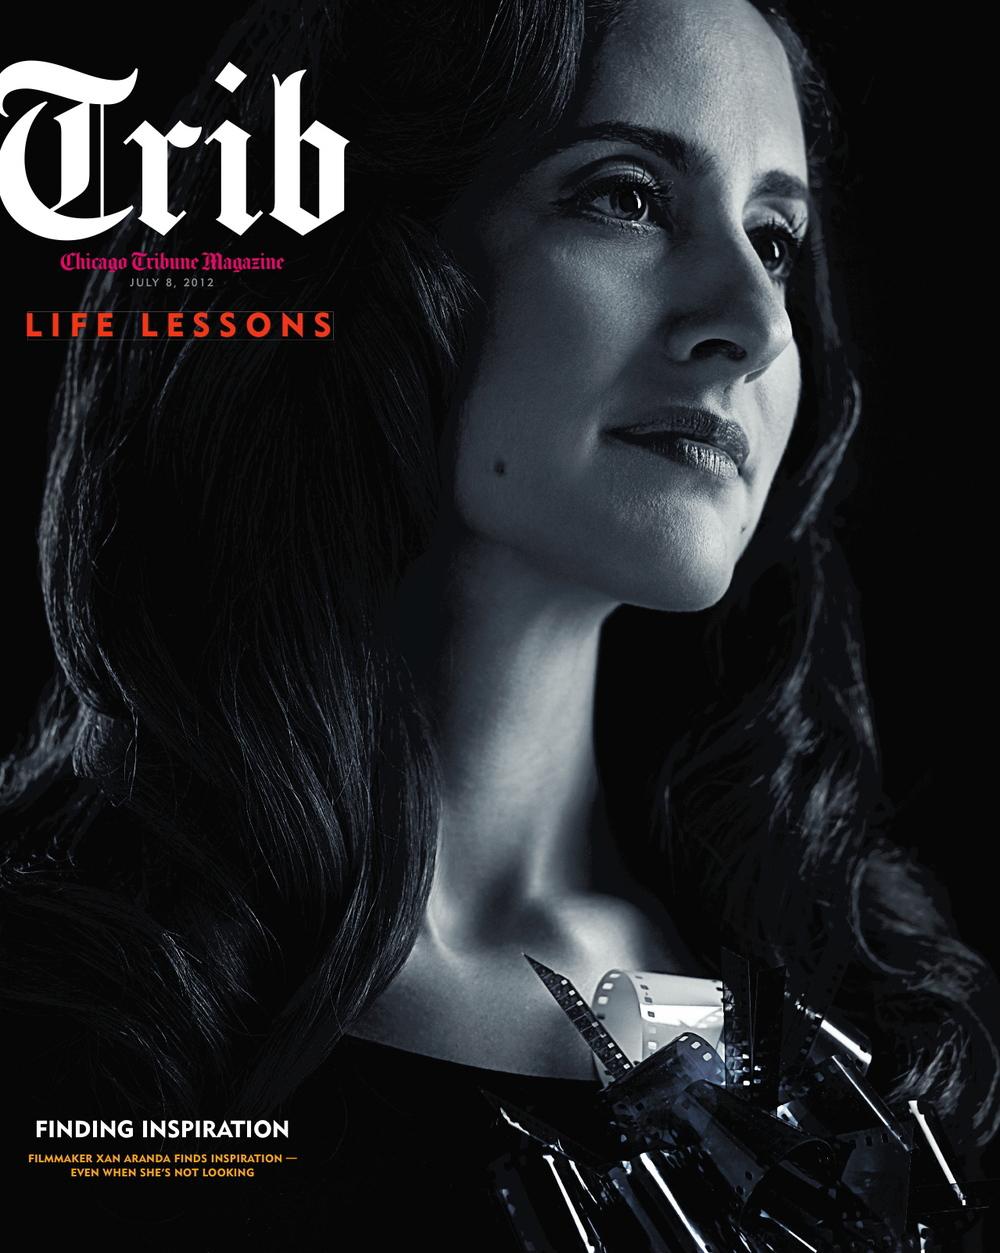 chicagotrib-magazine-070812-sm.jpg